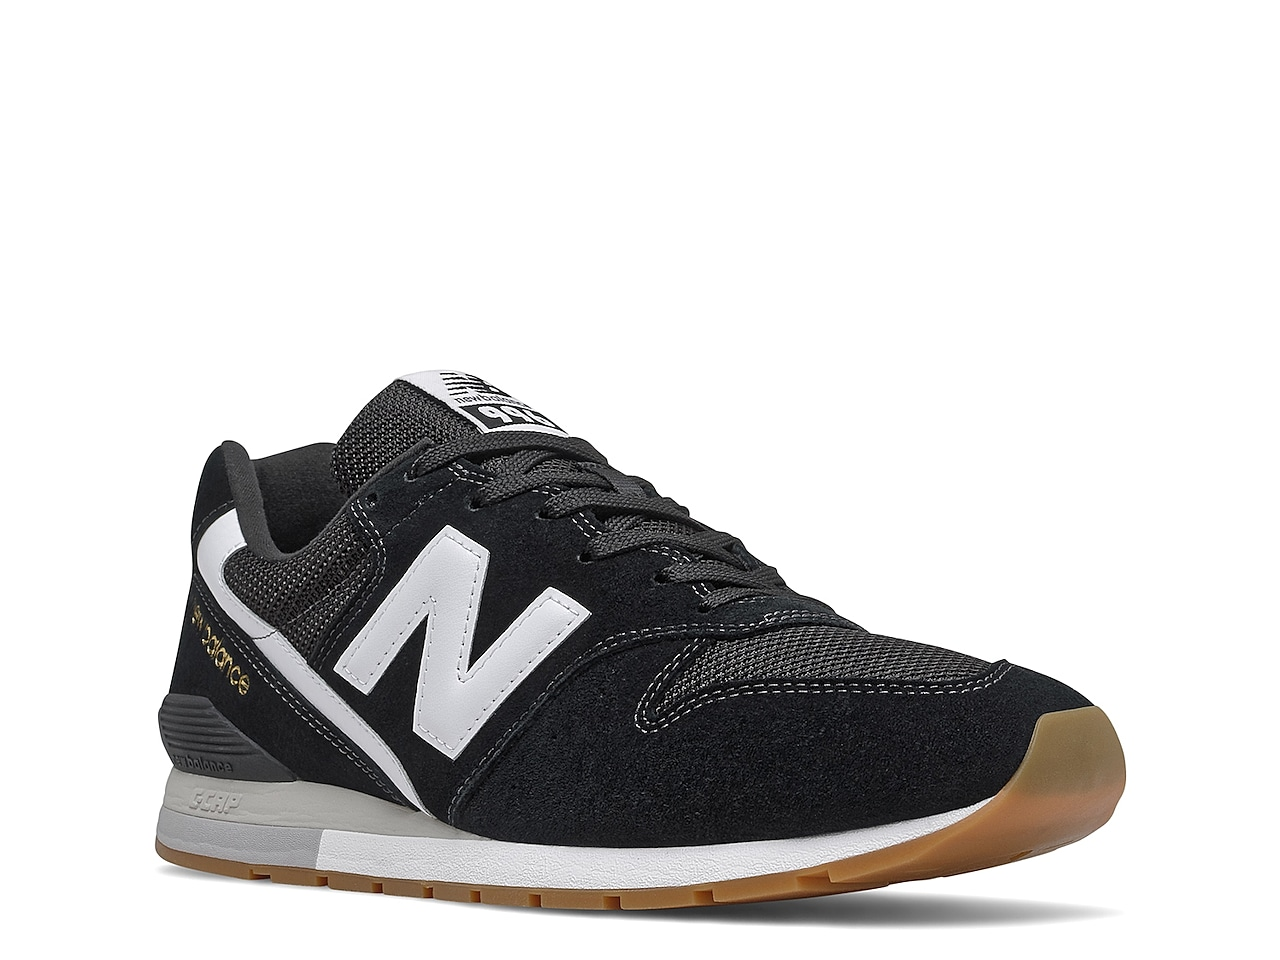 996 Sneaker - Men's